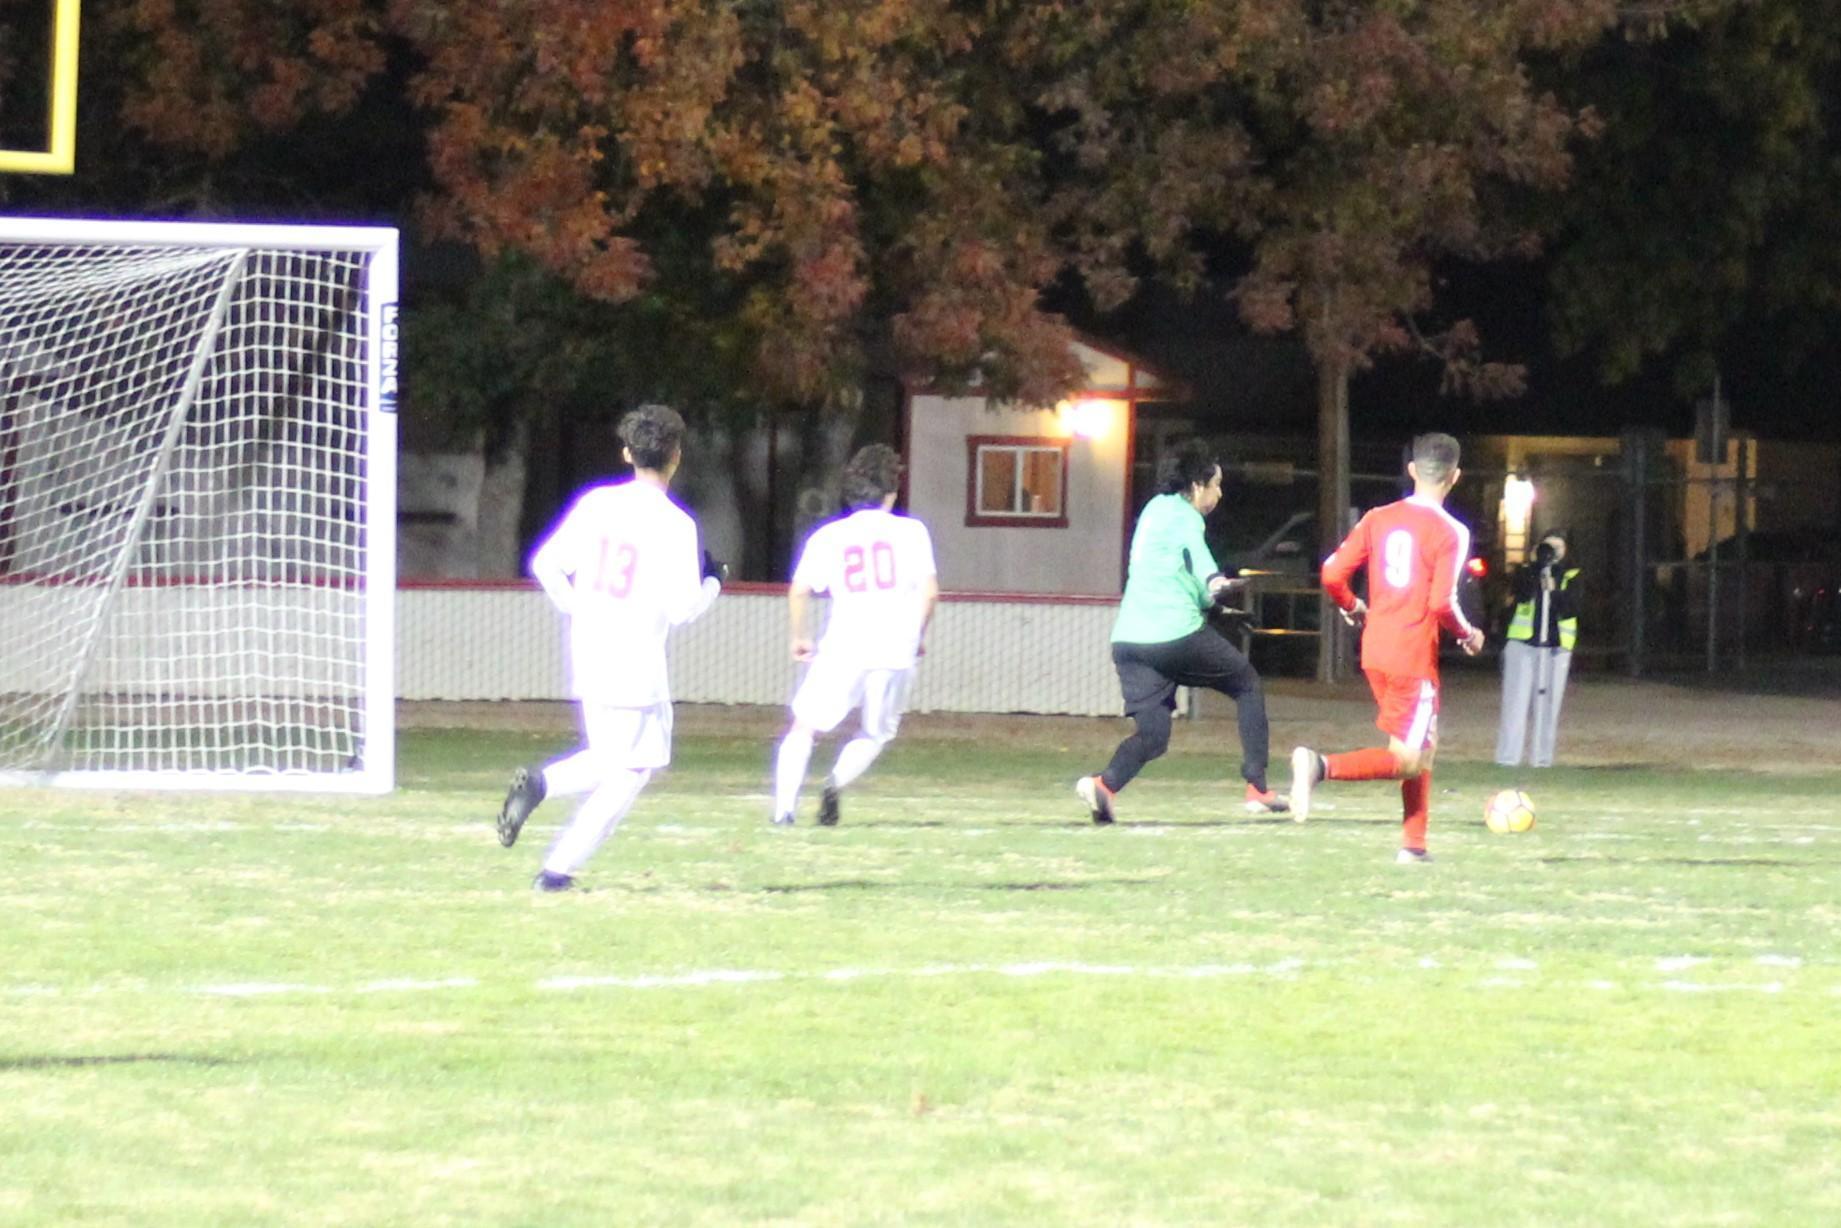 Jose Renteria running to the ball